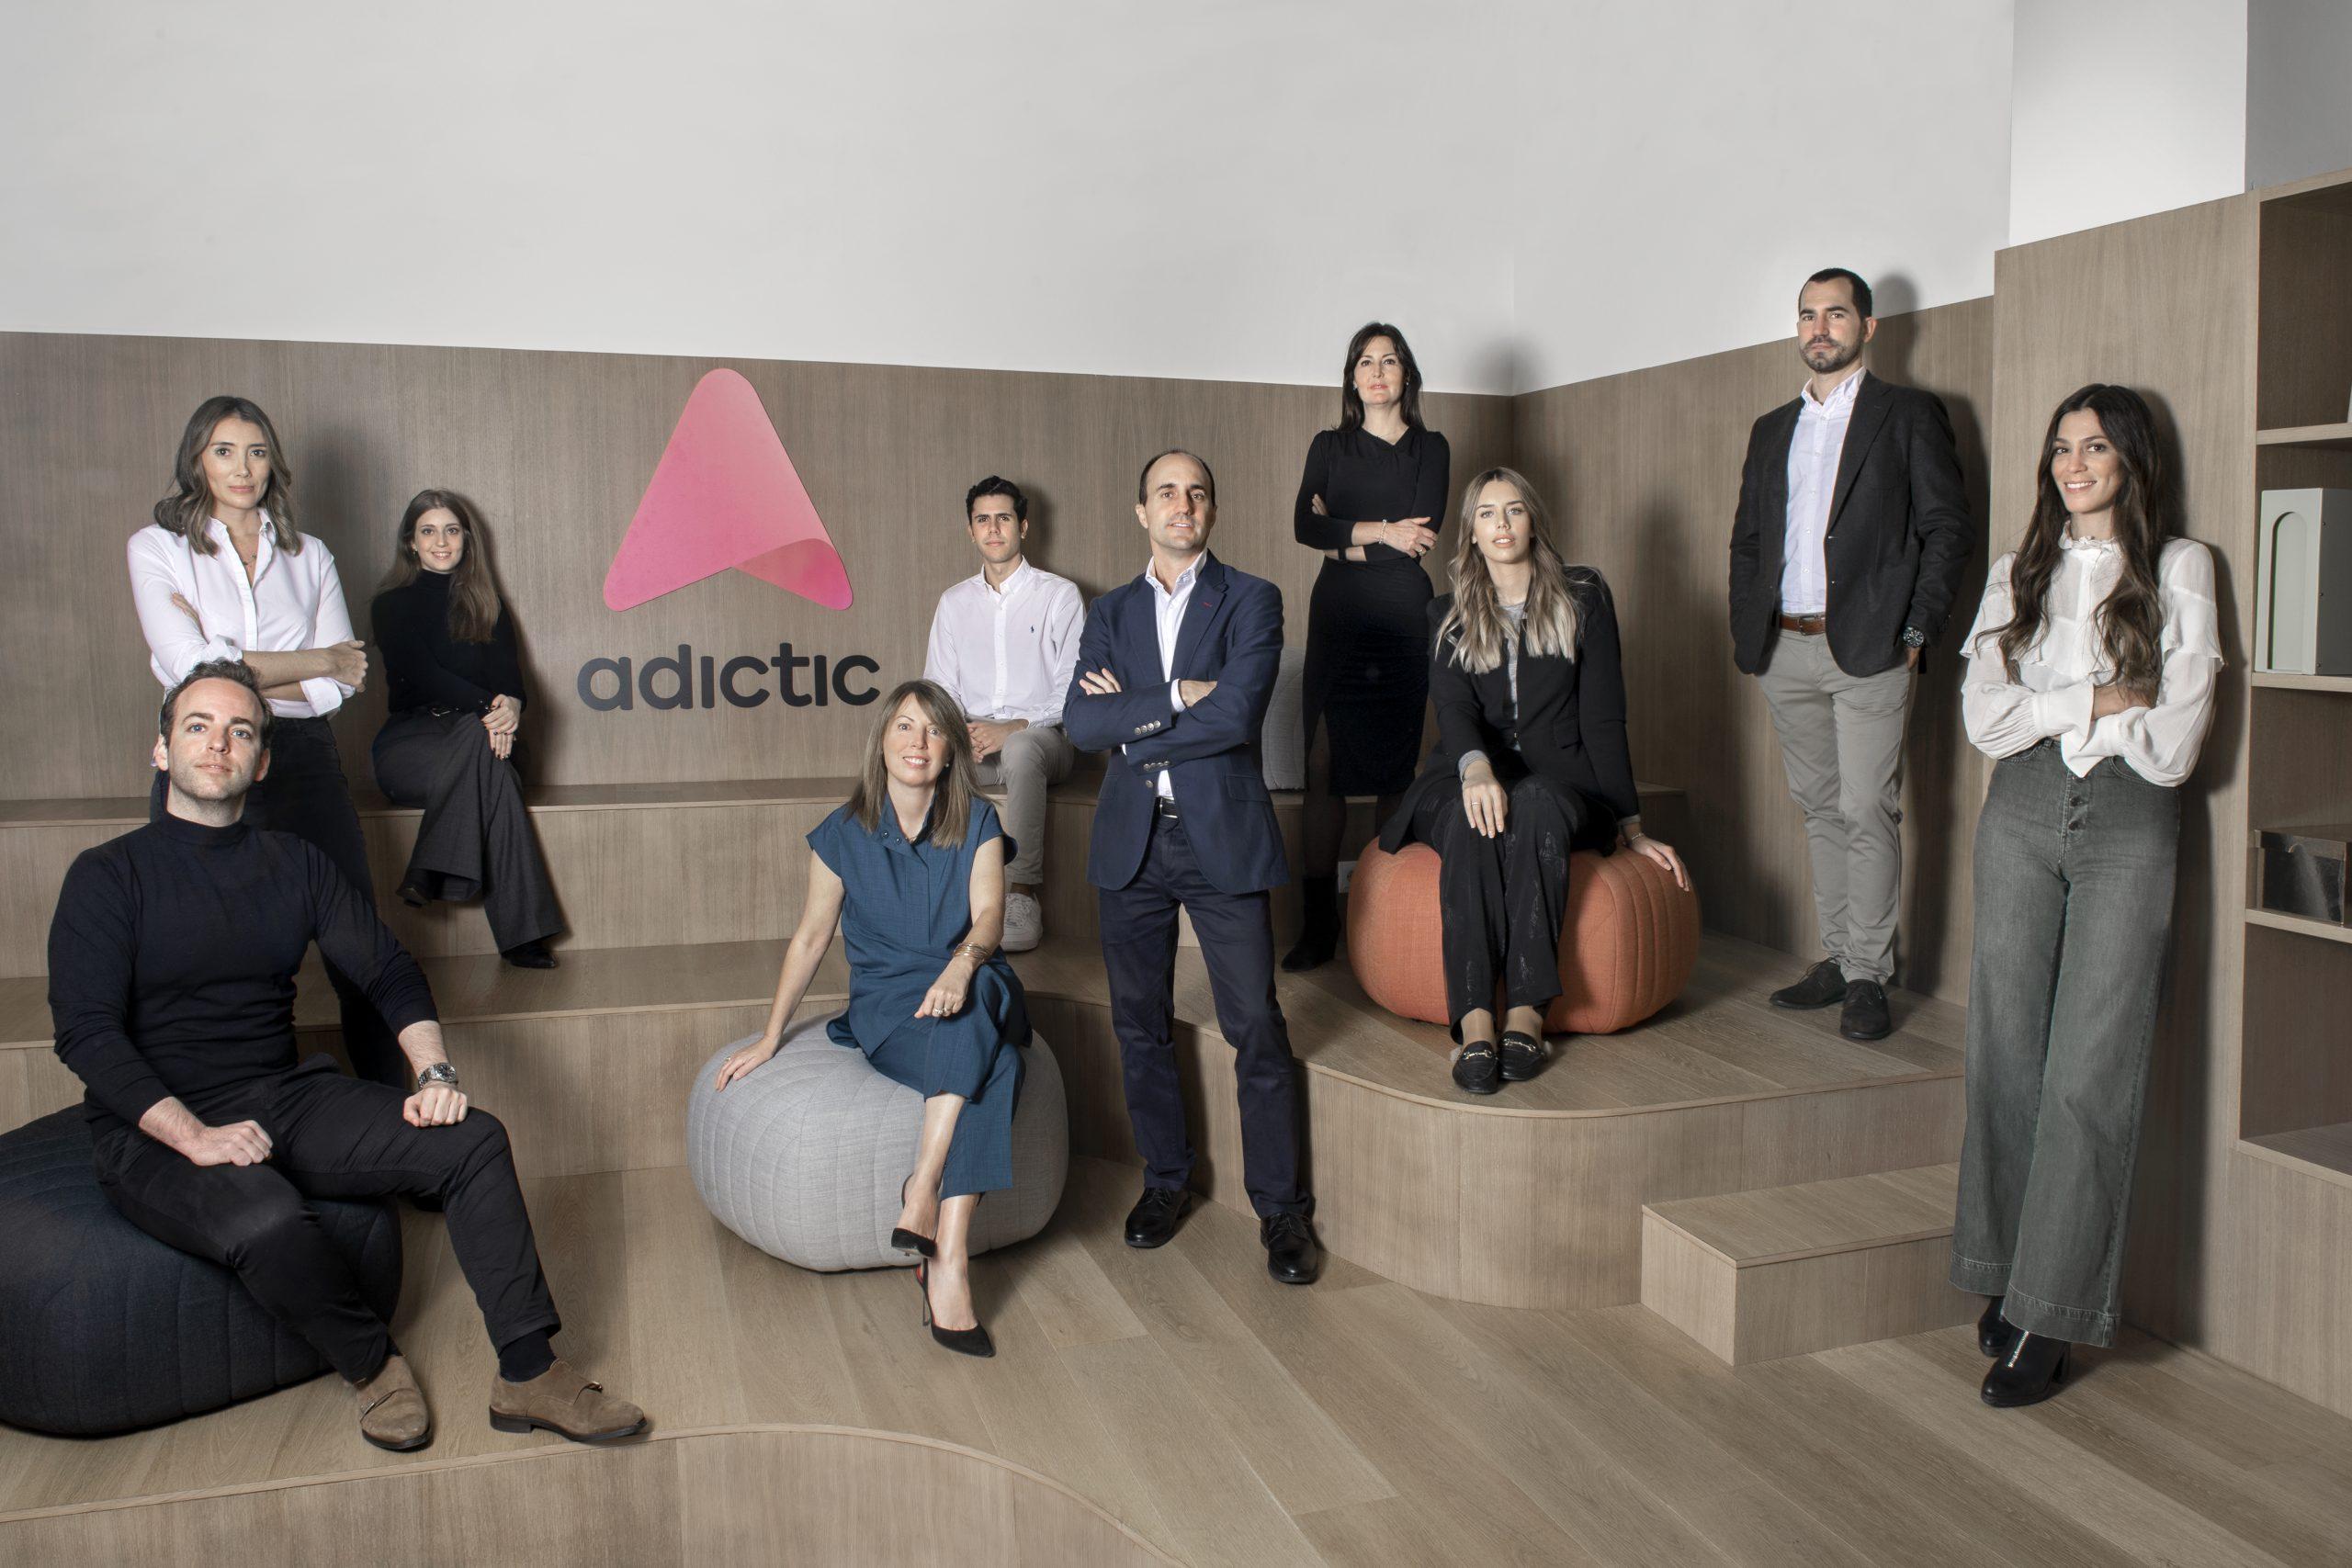 Adictic es la nueva aplicación dirigida a los profesionales y a los amantes de la moda que buscan un lugar único donde conectar y formar parte de una gran comunidad.